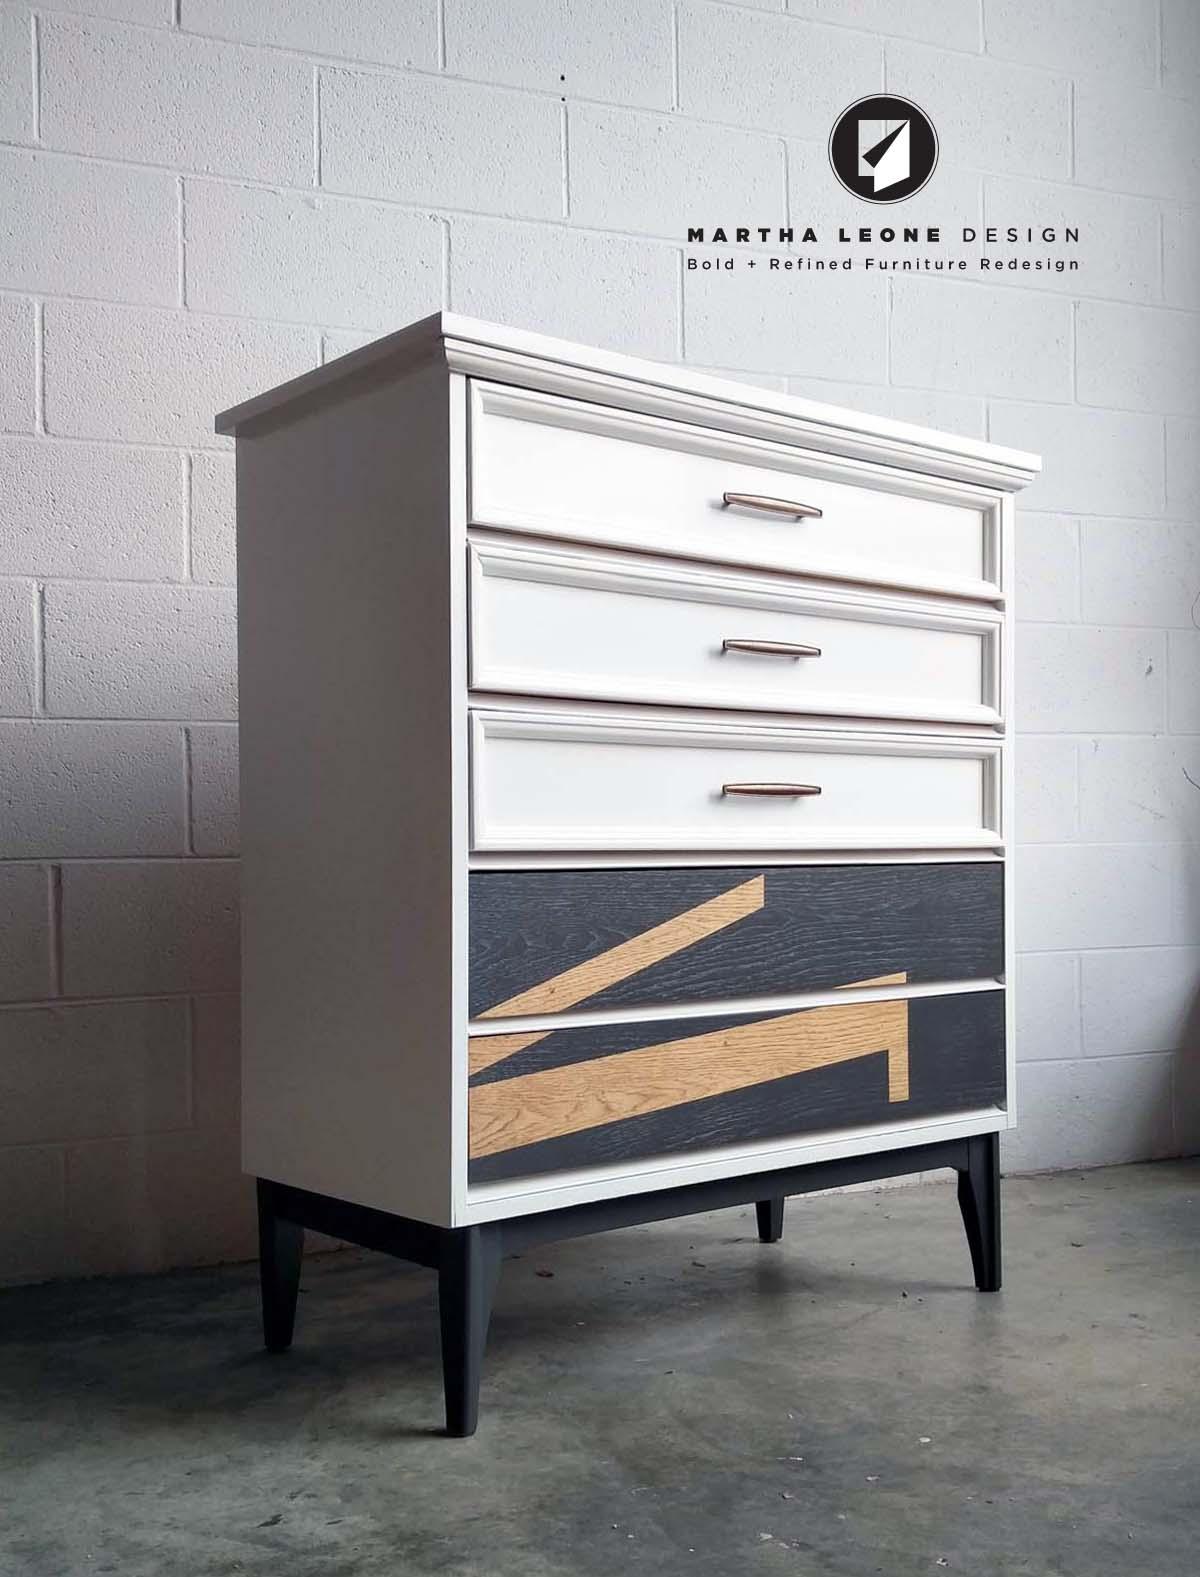 MCM tallboy3 Martha Leone Design.jpg